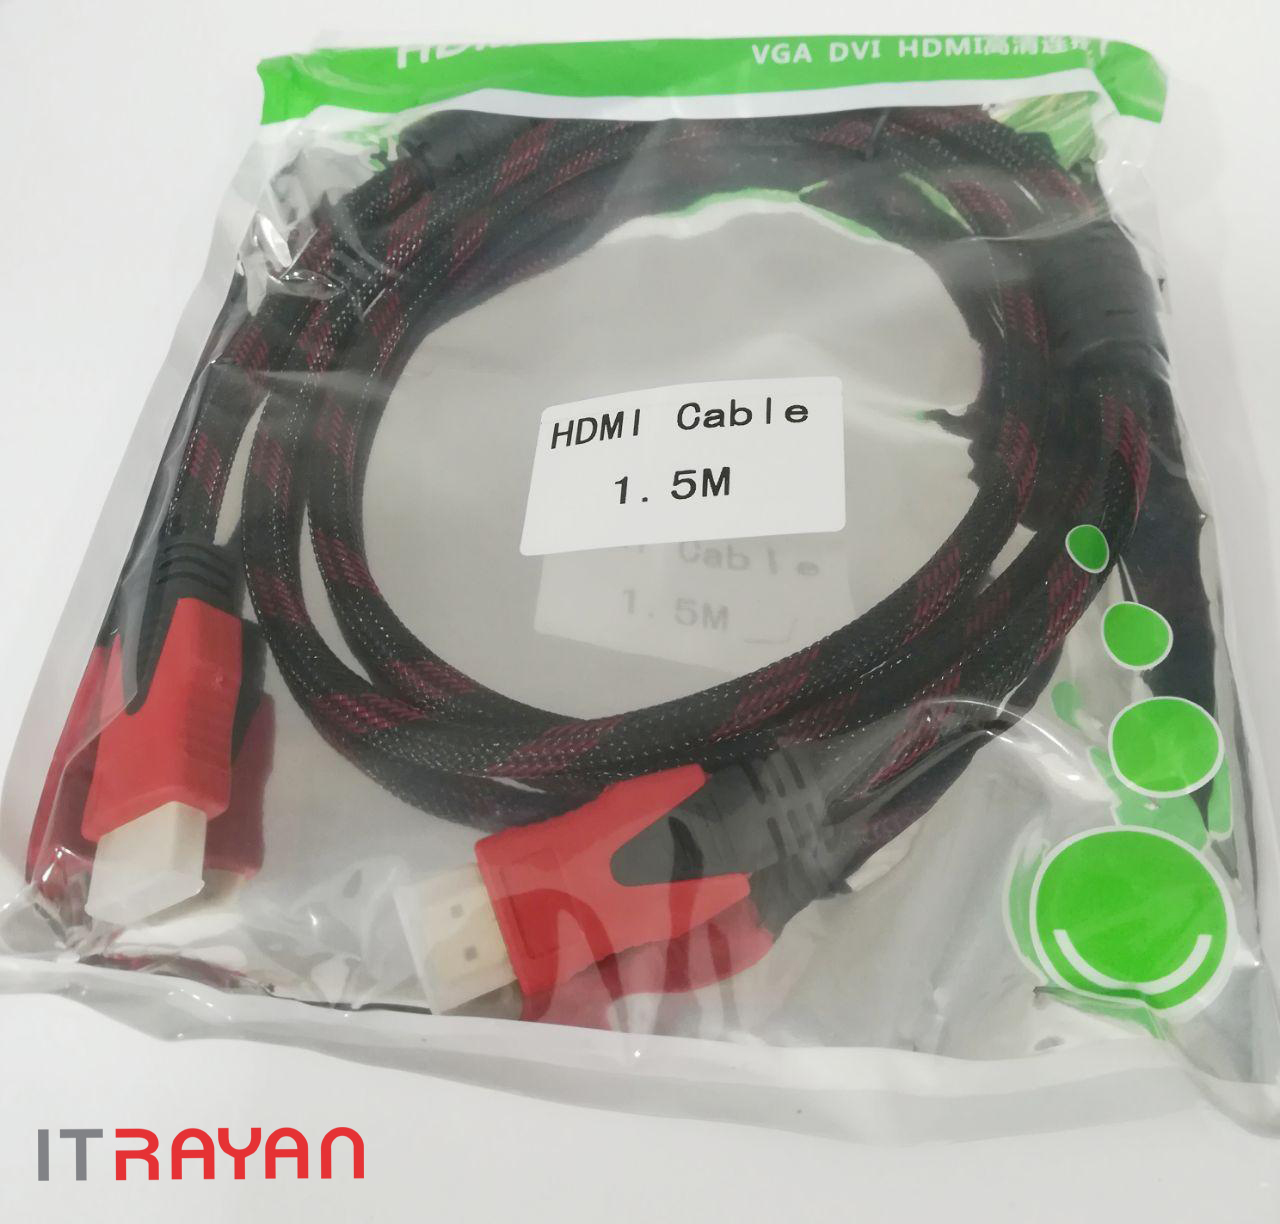 کابل HDMI ای نت 1.5 متری